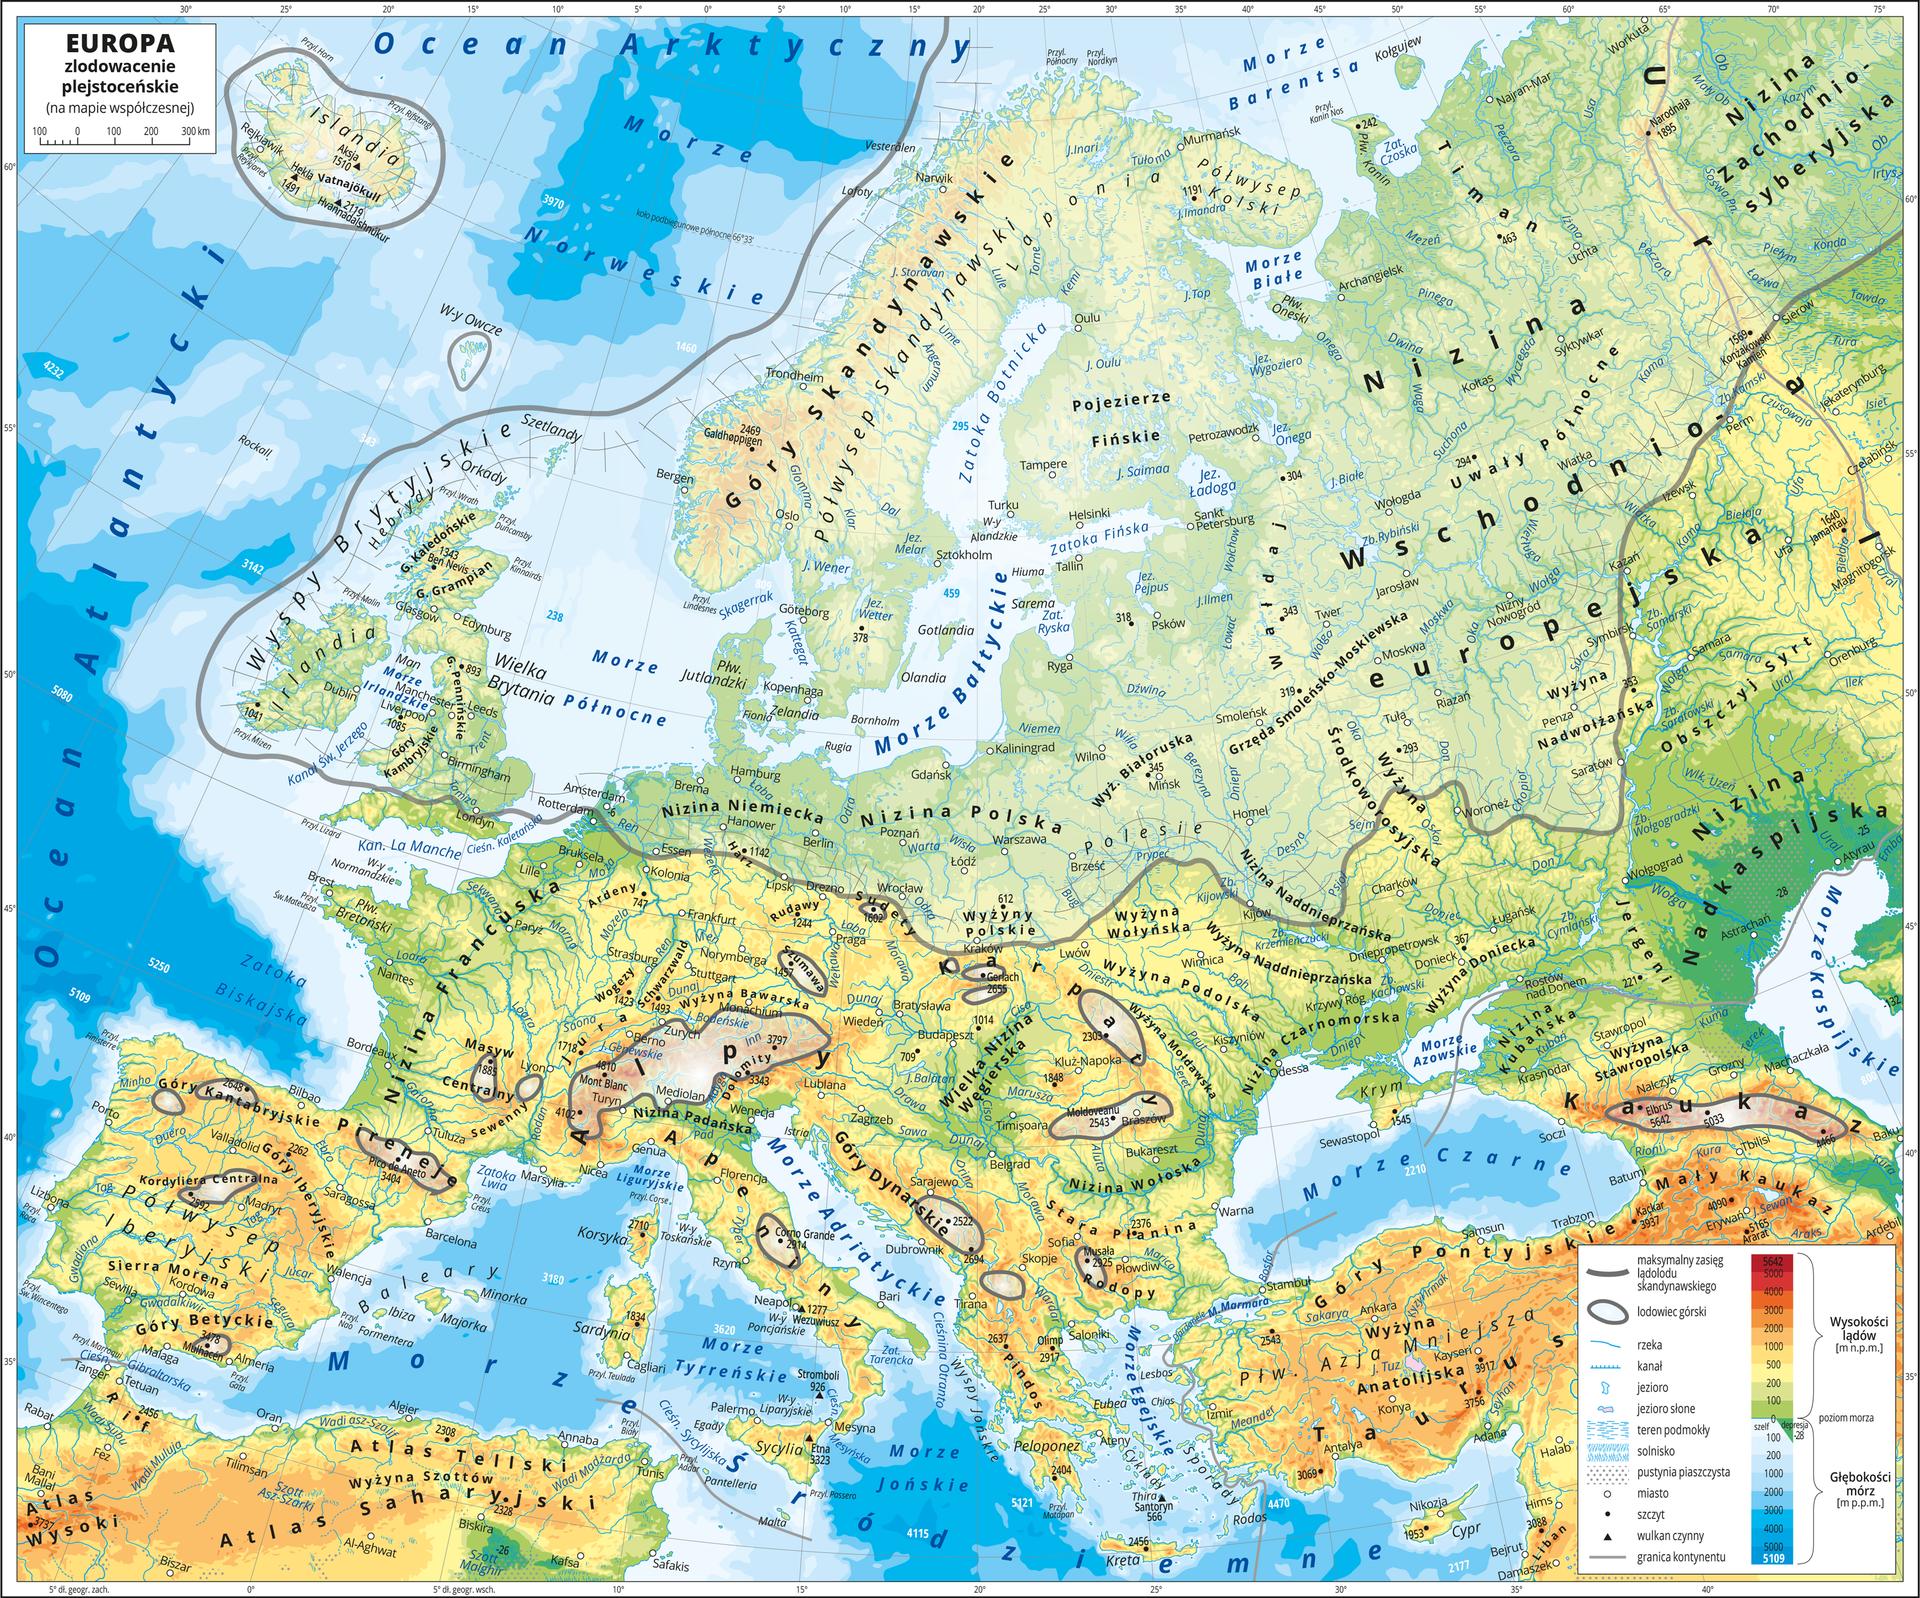 Ilustracja przedstawia współczesną mapę hipsometryczną Europy. Na mapie przedstawiono zasięg zlodowacenia plejstoceńskiego. Wobrębie lądów występują obszary wkolorze zielonym, żółtym, pomarańczowym iczerwonym. Morza zaznaczono kolorem niebieskim. Na mapie opisano nazwy półwyspów, wysp, głównych nizin, wyżyn ipasm górskich, mórz, zatok, rzek ijezior. Na obszarze morza wwybranych miejscach opisano głębokości. Oznaczono białymi kropkami iopisano główne miasta. Oznaczono czarnymi kropkami iopisano szczyty górskie. Czarnym trójkątem oznaczono czynne wulkany. Na mapie szarą linią zaznaczono maksymalny zasięg lądolodu skandynawskiego, atereny które objęło to zlodowacenie są na mapie zamglone. Obejmują one północną część Europy. Lodowce górskie przedstawiono za pomocą biało szarego gradientu obrysowanego szarym konturem. Występują one wgórach środkowej ipołudniowej części Europy. Mapa pokryta jest równoleżnikami ipołudnikami. Dookoła mapy wbiałej ramce opisano współrzędne geograficzne co pięć stopni. Po prawej stronie mapy na dole wlegendzie umieszczono prostokątny pionowy pasek. Pasek podzielono na siedemnaście części. Ugóry czerwony, dalej ciemnopomarańczowy, kolejno pomarańczowy, jasnopomarańczowy iżółty, jasnozielony iciemnozielony, kolejno jasnoniebieski do ciemnoniebieskiego. Opisano izohipsy od zero metrów (poziom morza)do pięciu tysięcy metrów powyżej poziomu morza – wobrębie kolorów zielonych co sto metrów, wobrębie kolorów żółtych co trzysta metrów, wobrębie kolorów pomarańczowych co pięćset itysiąc metrów, wobrębie kolorów czerwonych co tysiąc metrów. Na dole paska odcieniami koloru niebieskiego oznaczono głębokości mórz iopisano izobaty: sto metrów poniżej poziomu morza, dwieście metrów poniżej poziomu morza, tysiąc metrów poniżej poziomu morza, dalej co tysiąc metrów do pięciu tysięcy metrów poniżej poziomu morza. Wlegendzie umieszczono również iopisano znaki użyte na mapie.